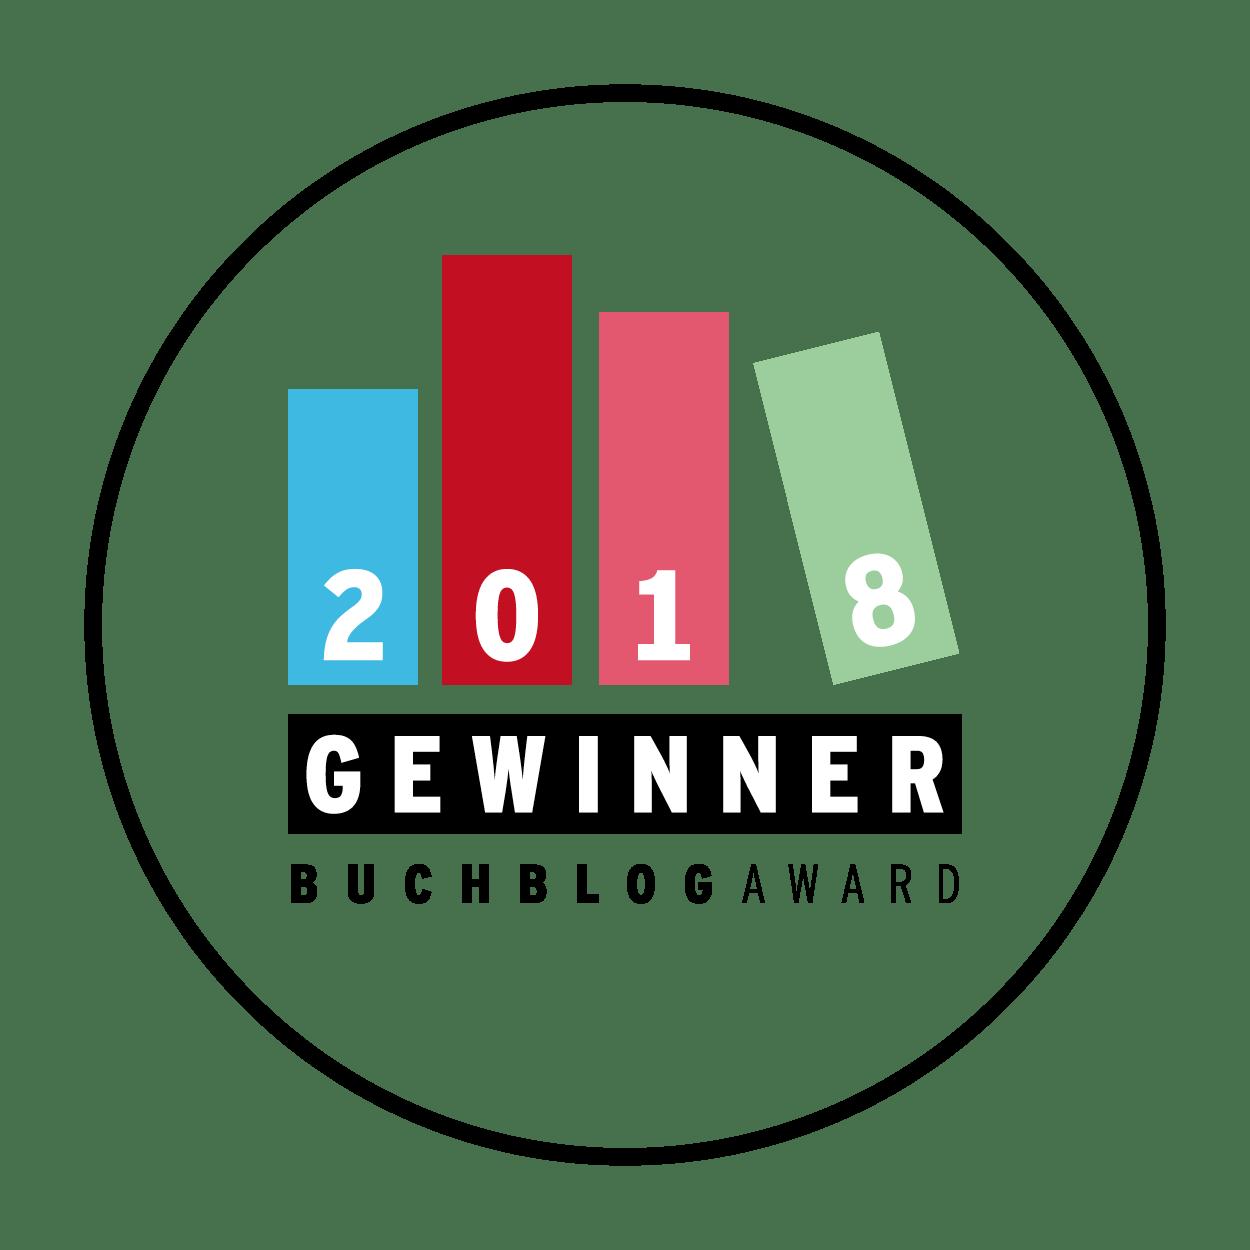 Buchmesse, Börsenverein des deutschen Buchhandels, Buchblog, Buchblogger, Gewinner